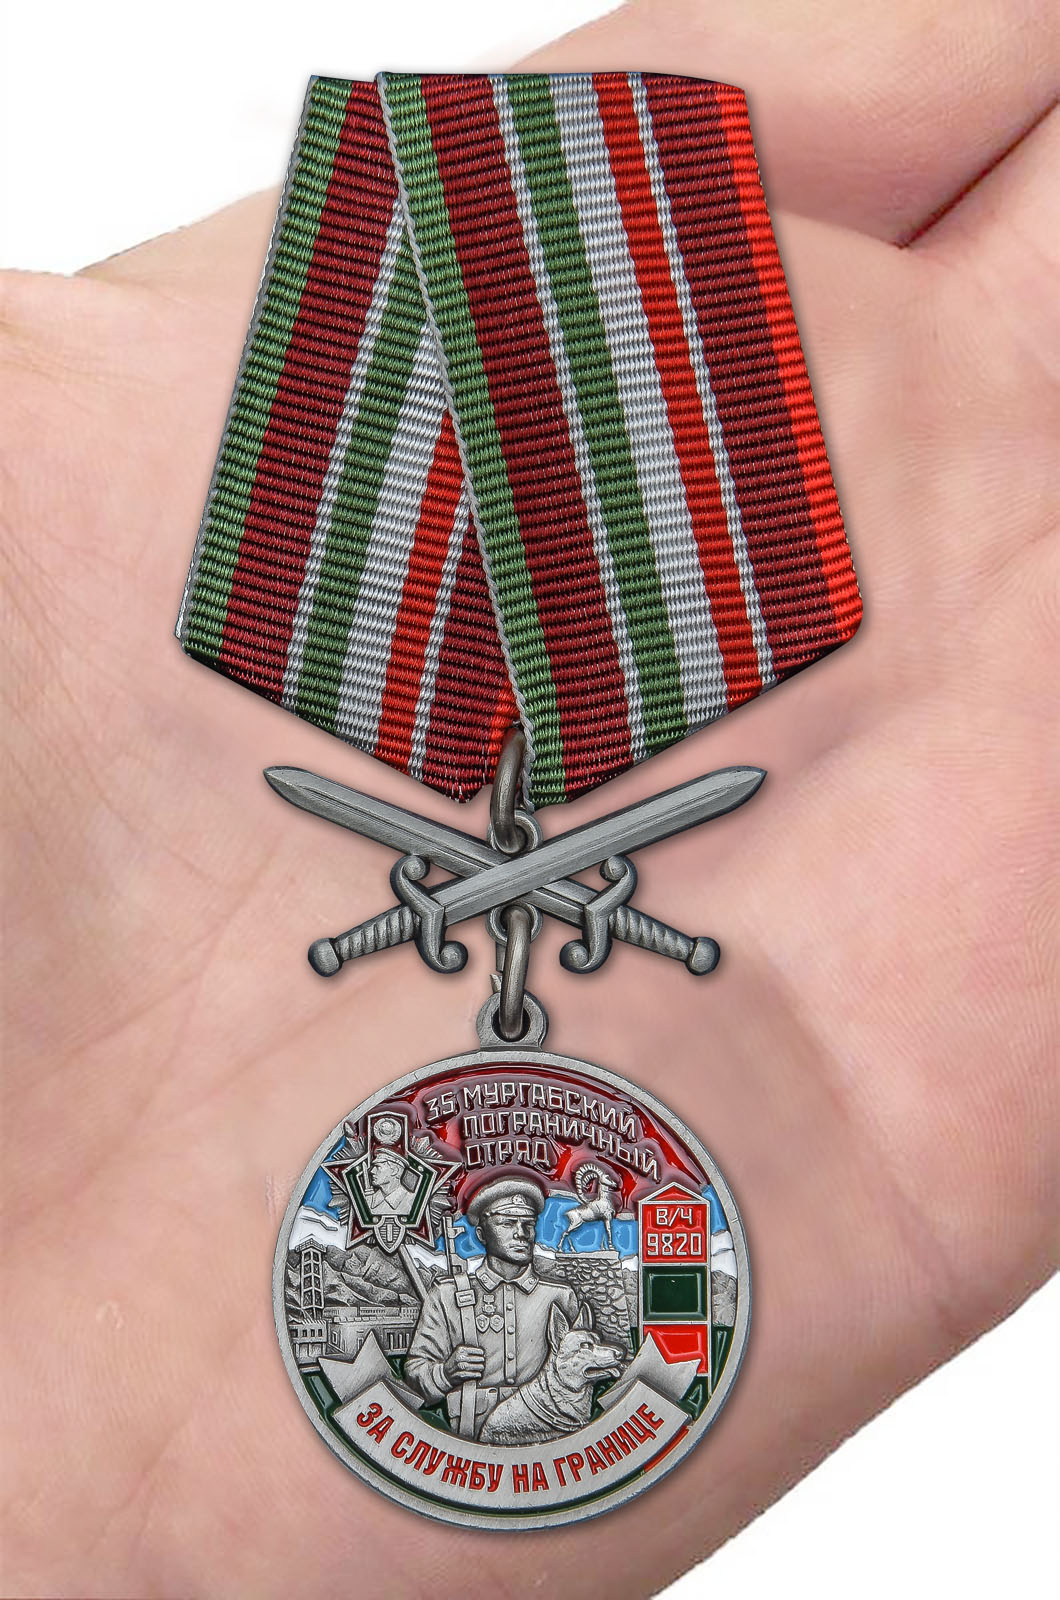 Памятная медаль За службу в Мургабском пограничном отряде - вид на ладони